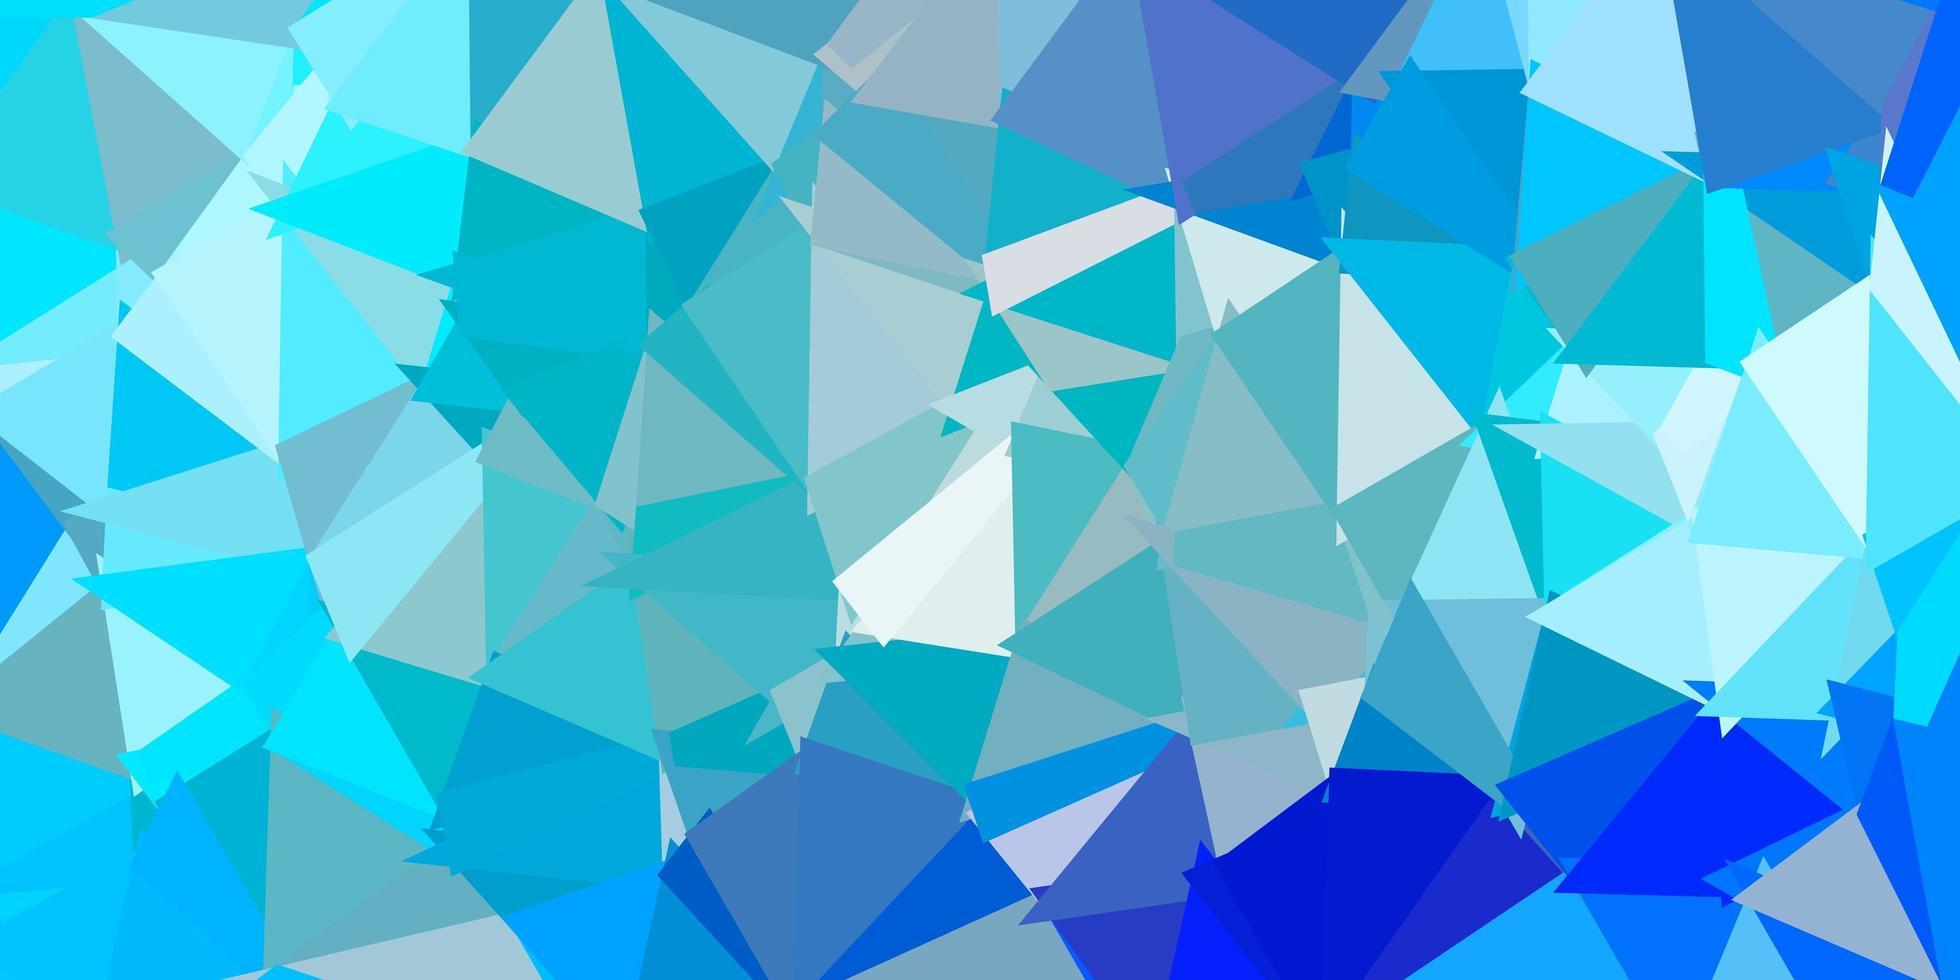 hellblauer Vektor abstrakter Dreieck Hintergrund.